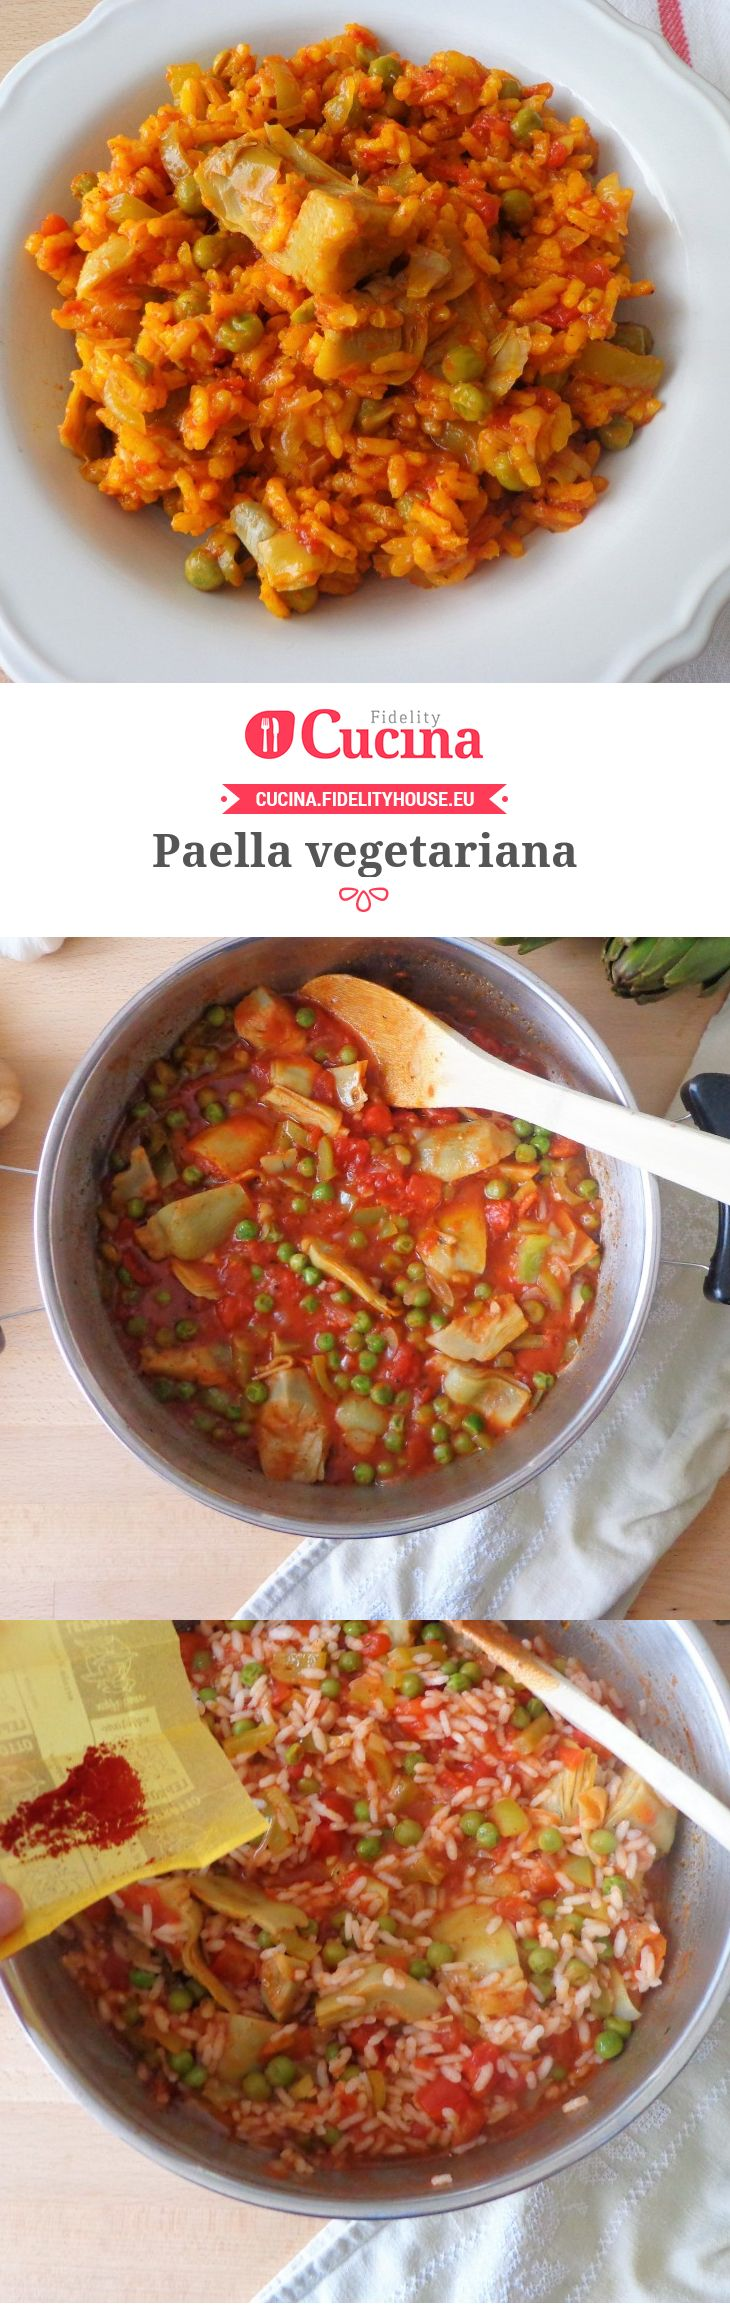 #Paella vegetariana della nostra utente Magdalena. Unisciti alla nostra Community ed invia le tue ricette!